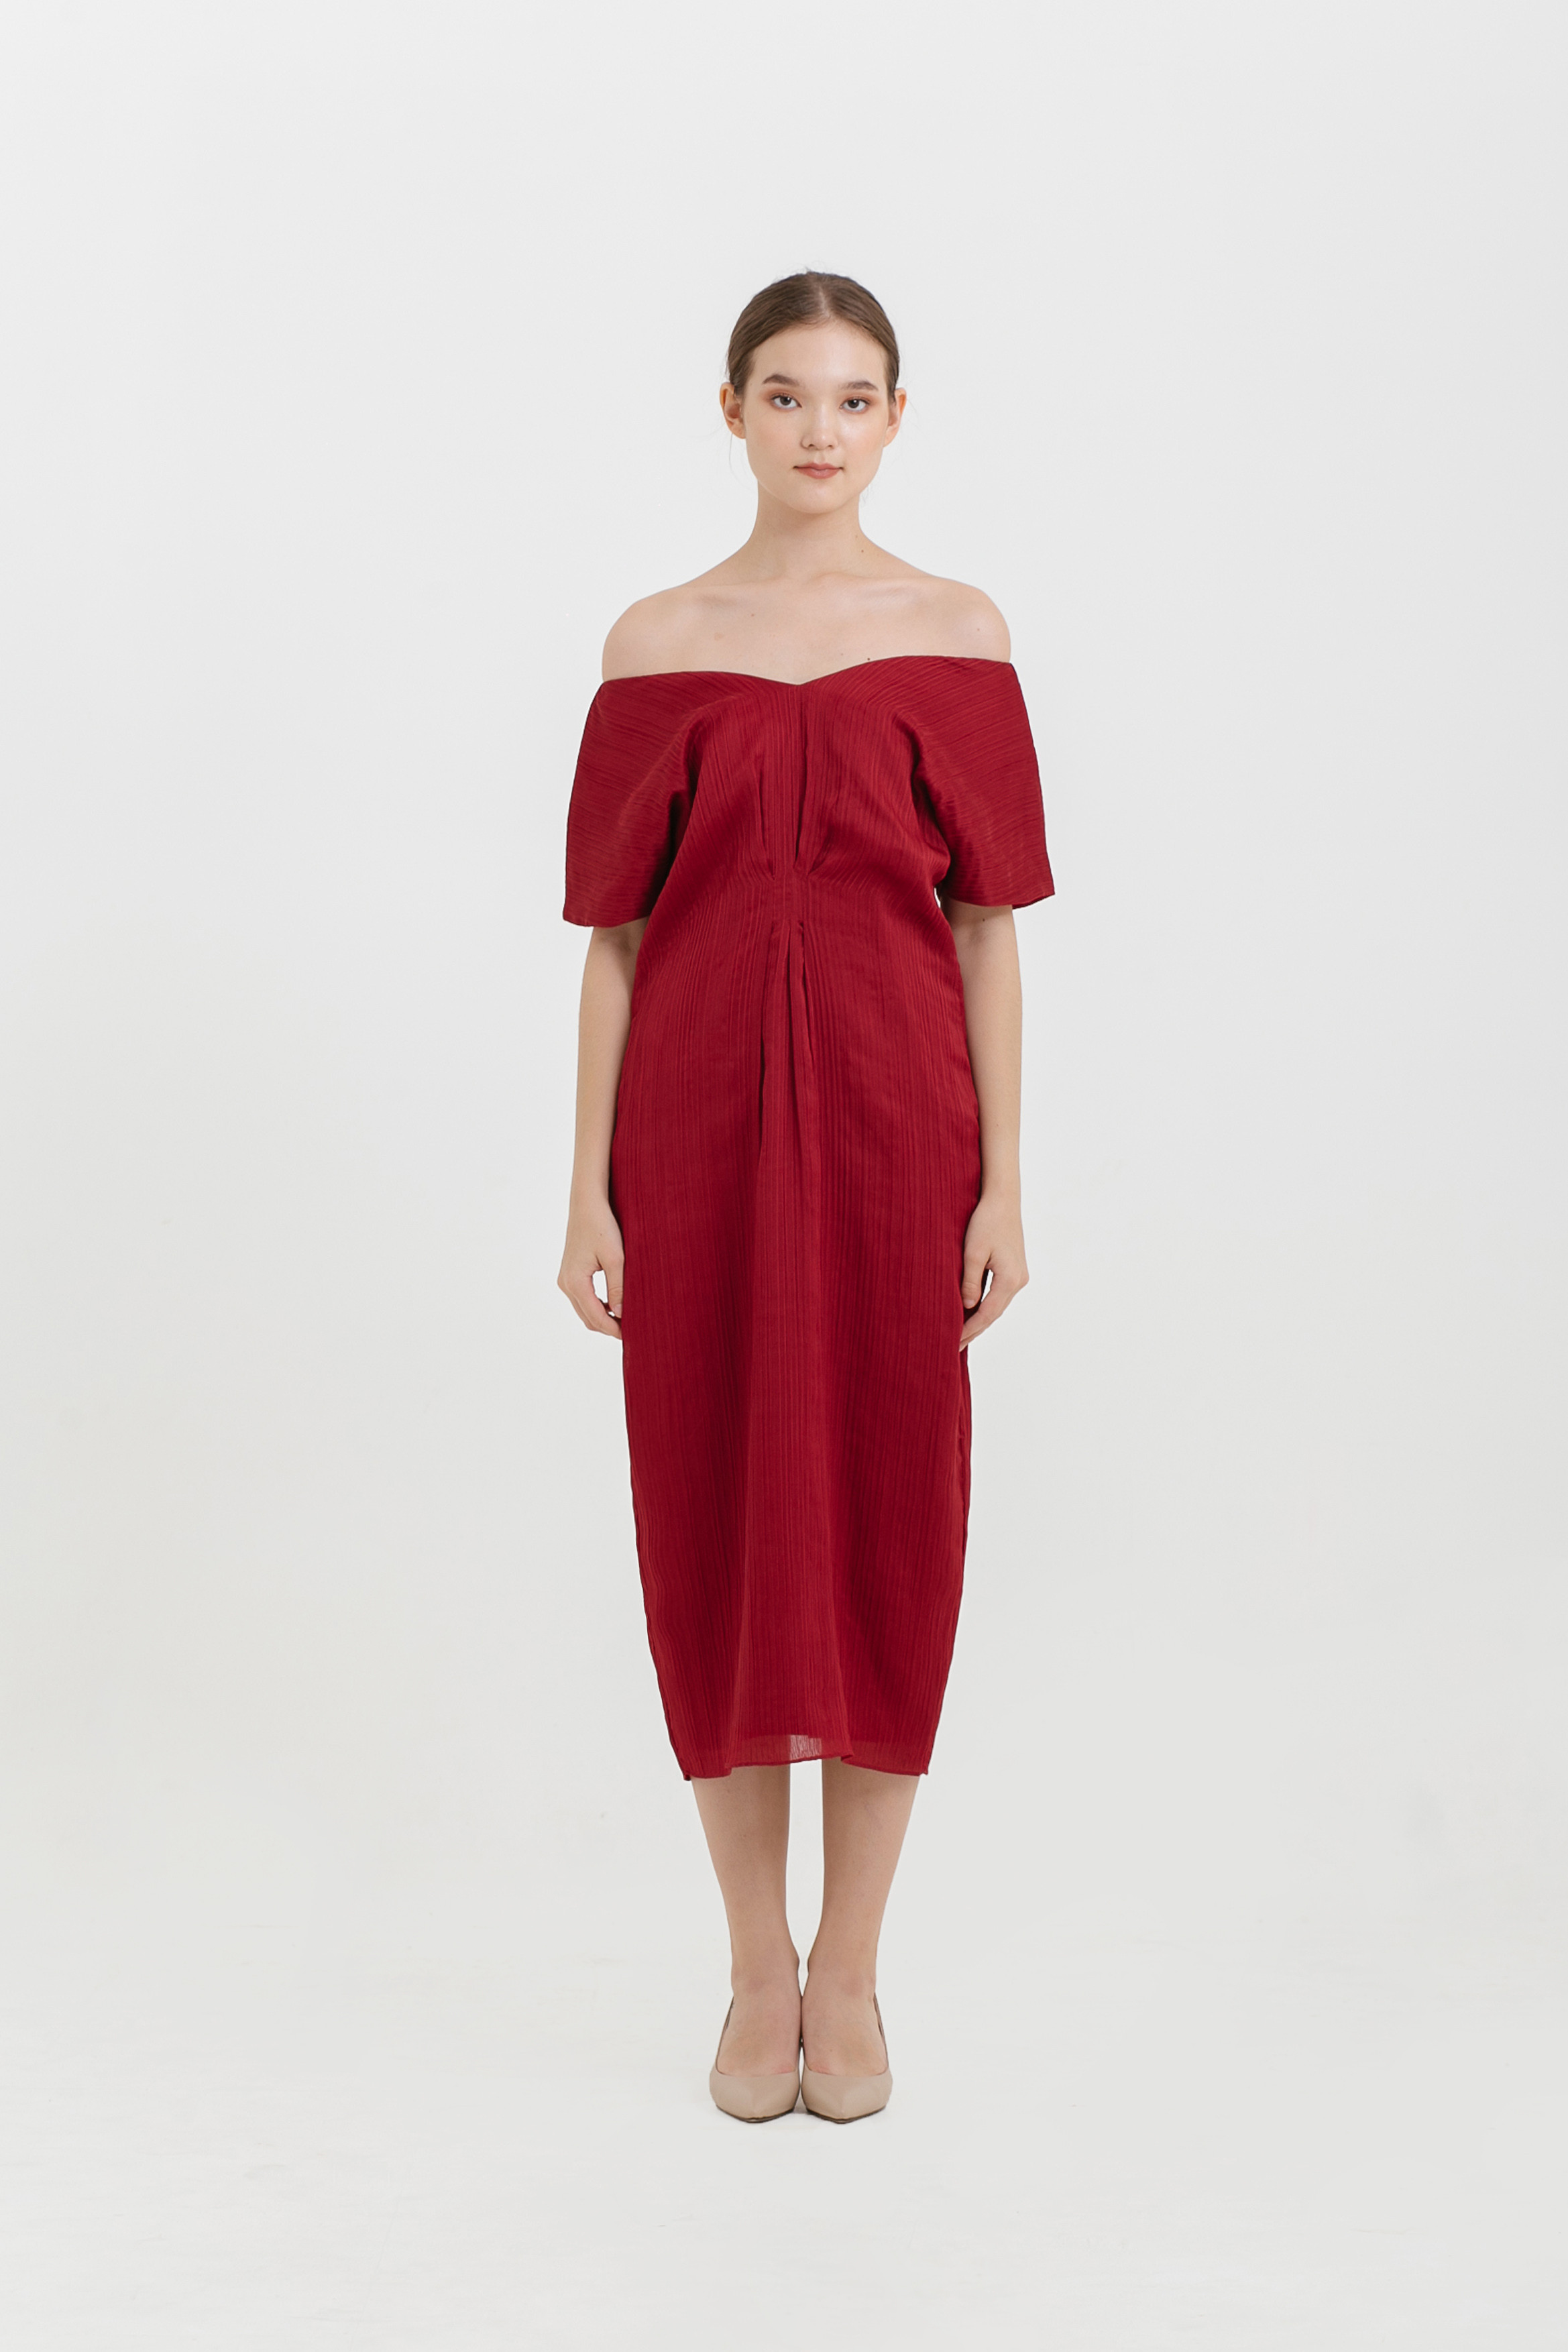 Multiway Pleat Dress